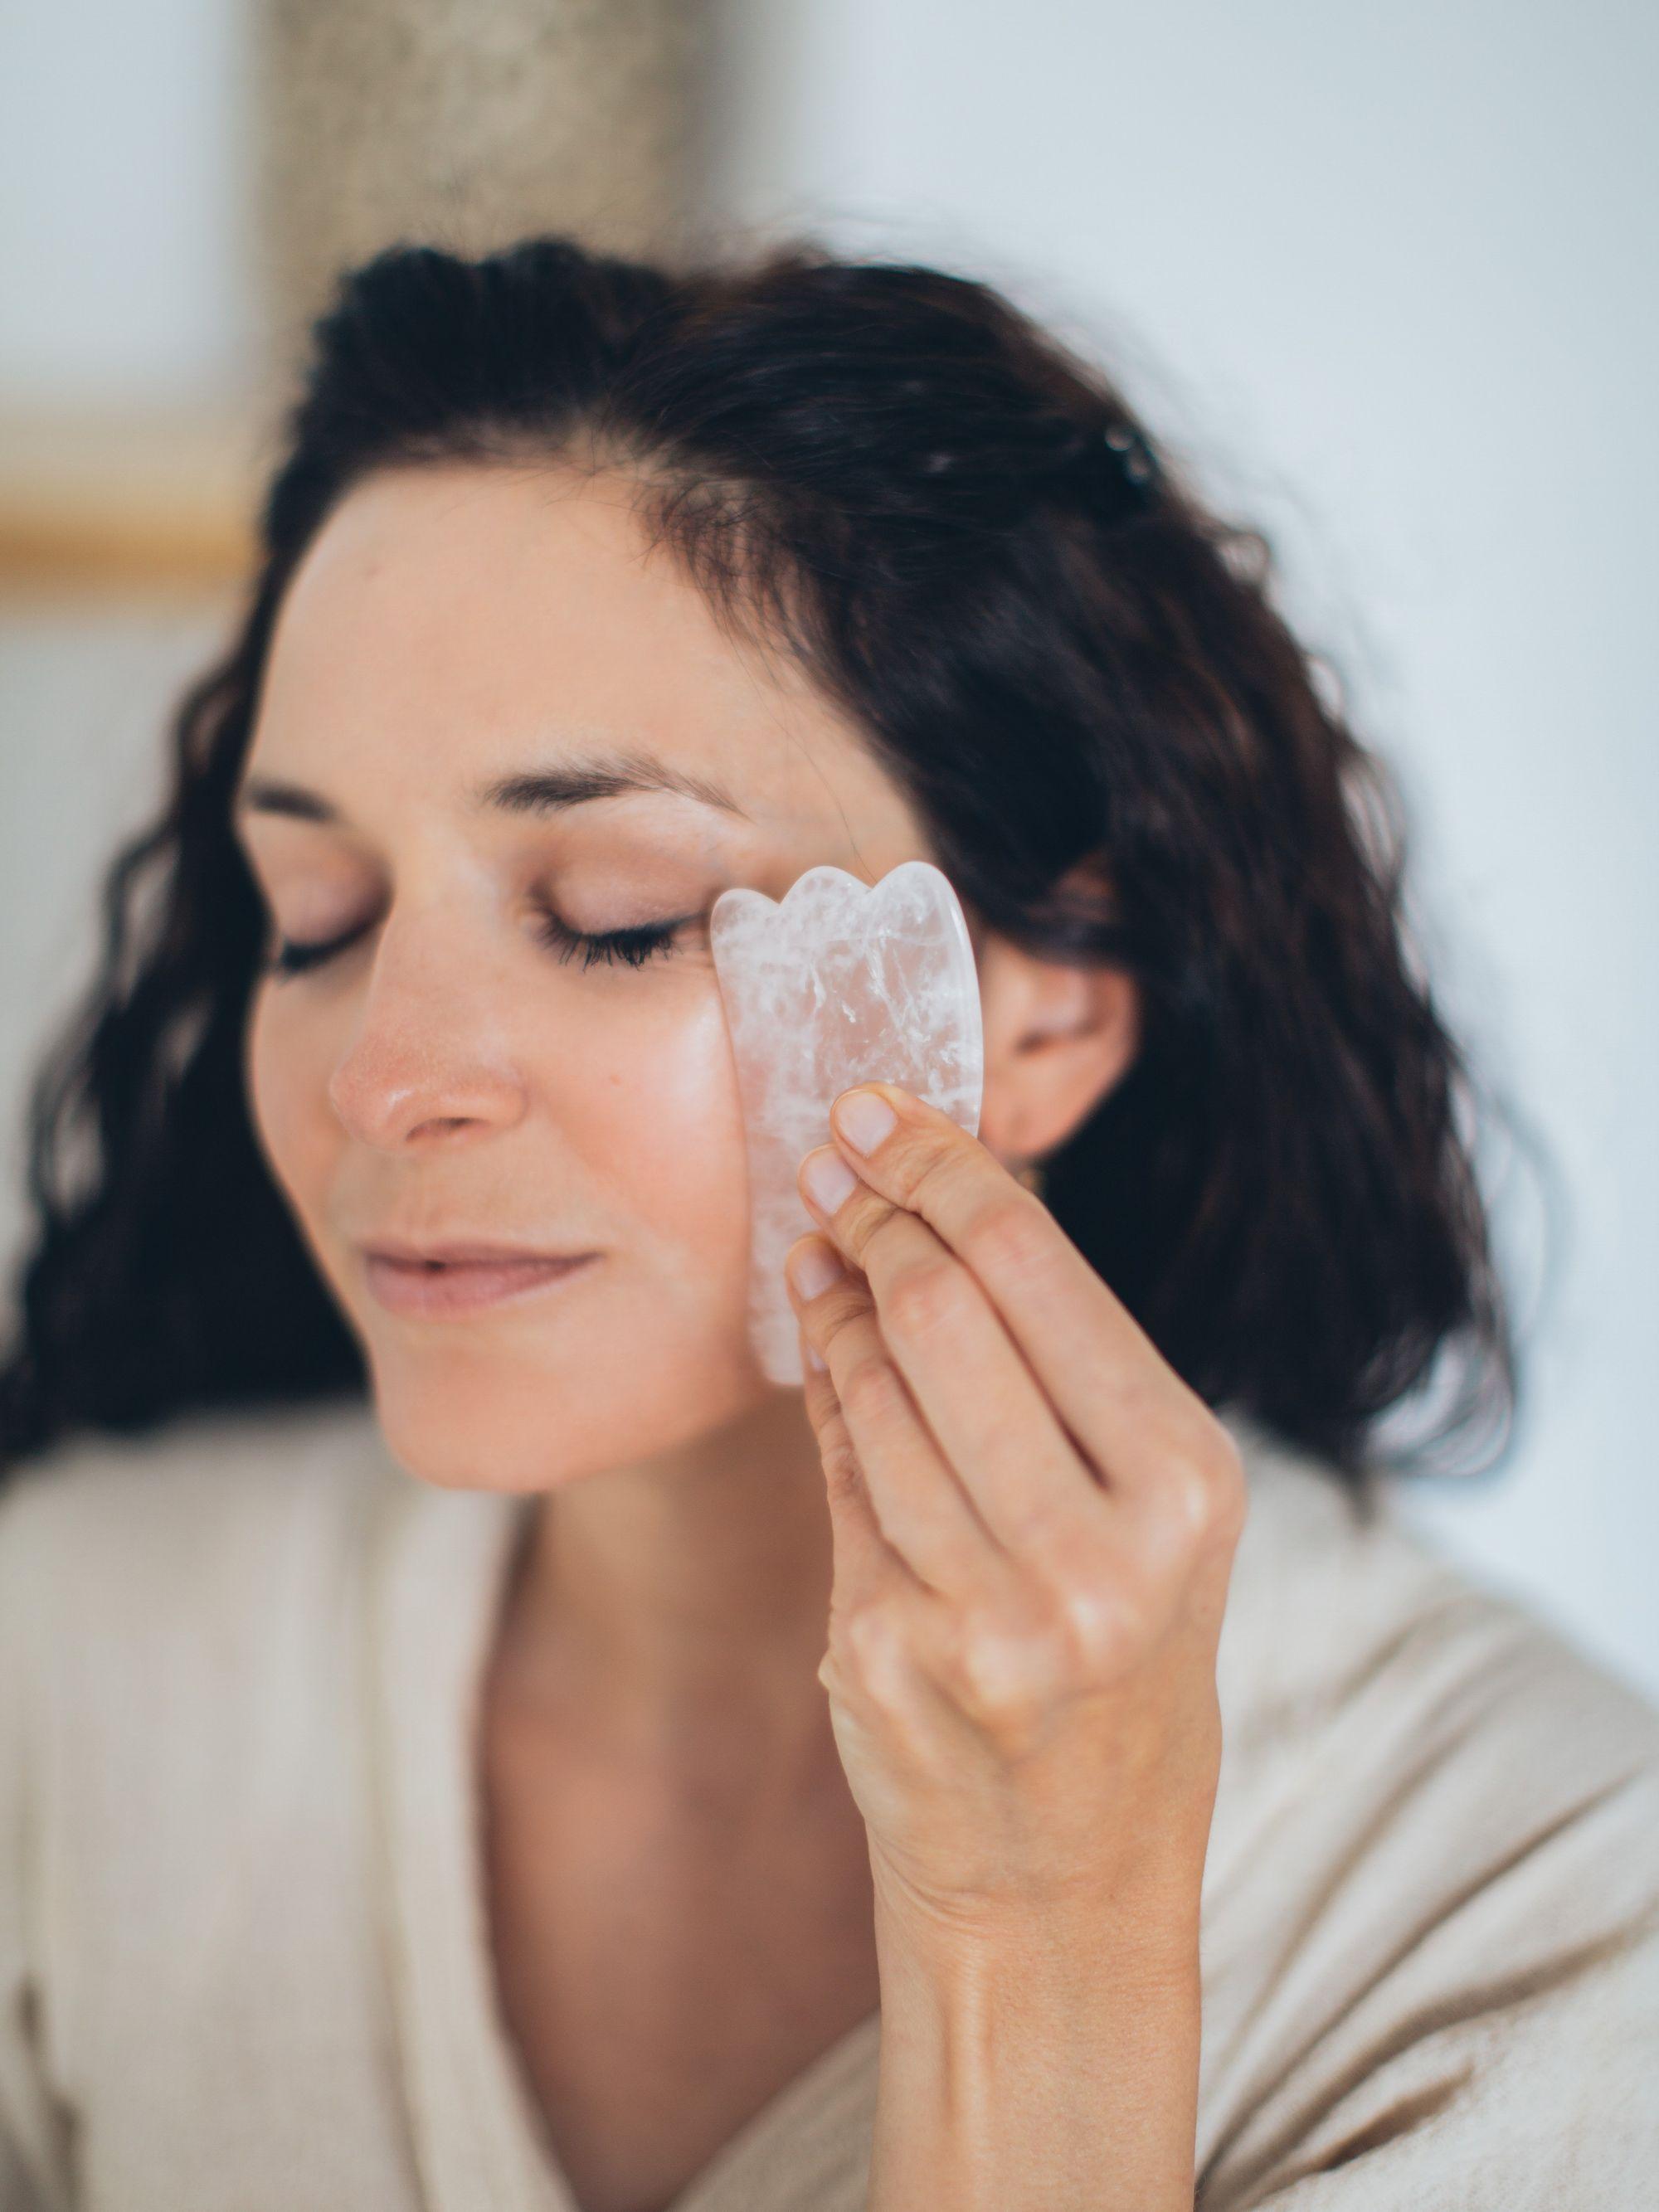 Massagem facial: a técnica milenar que vem ganhando espaço no skincare